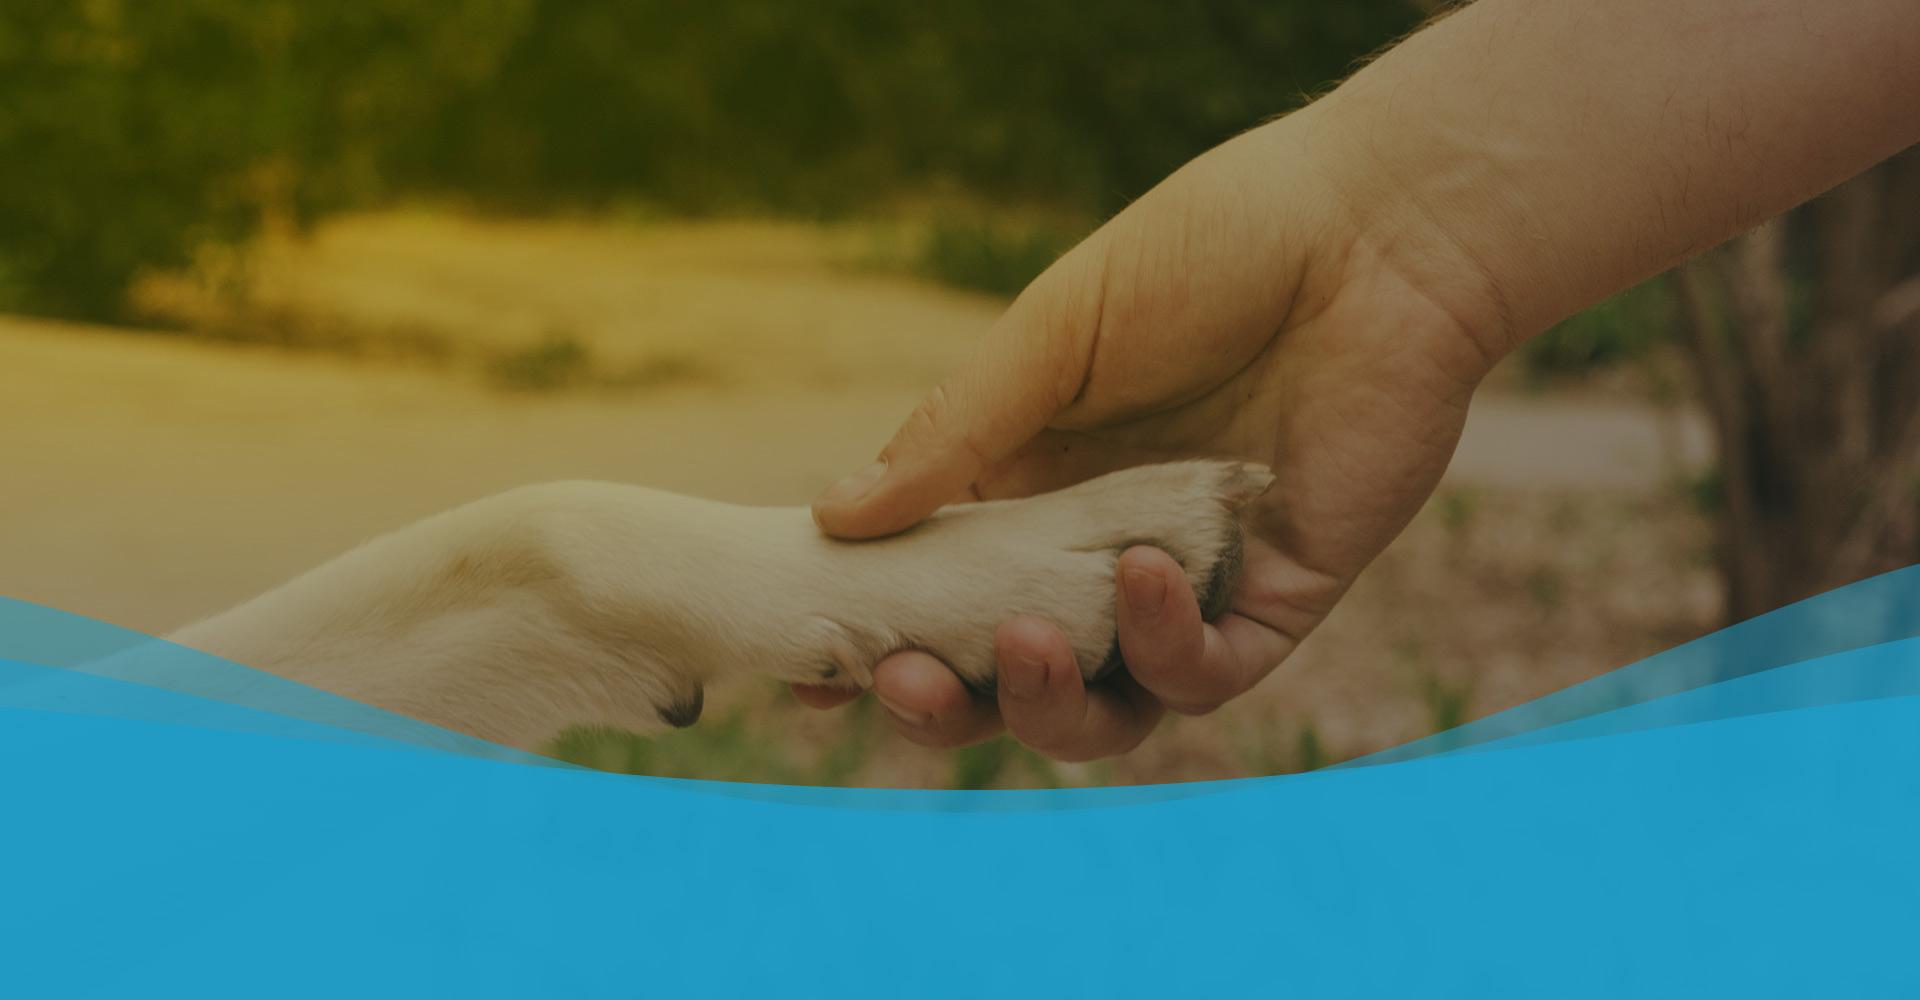 ConceitoVet<br>Centro Veterinário 24 horas com estrutura completa para o melhor cuidado do seu animal.